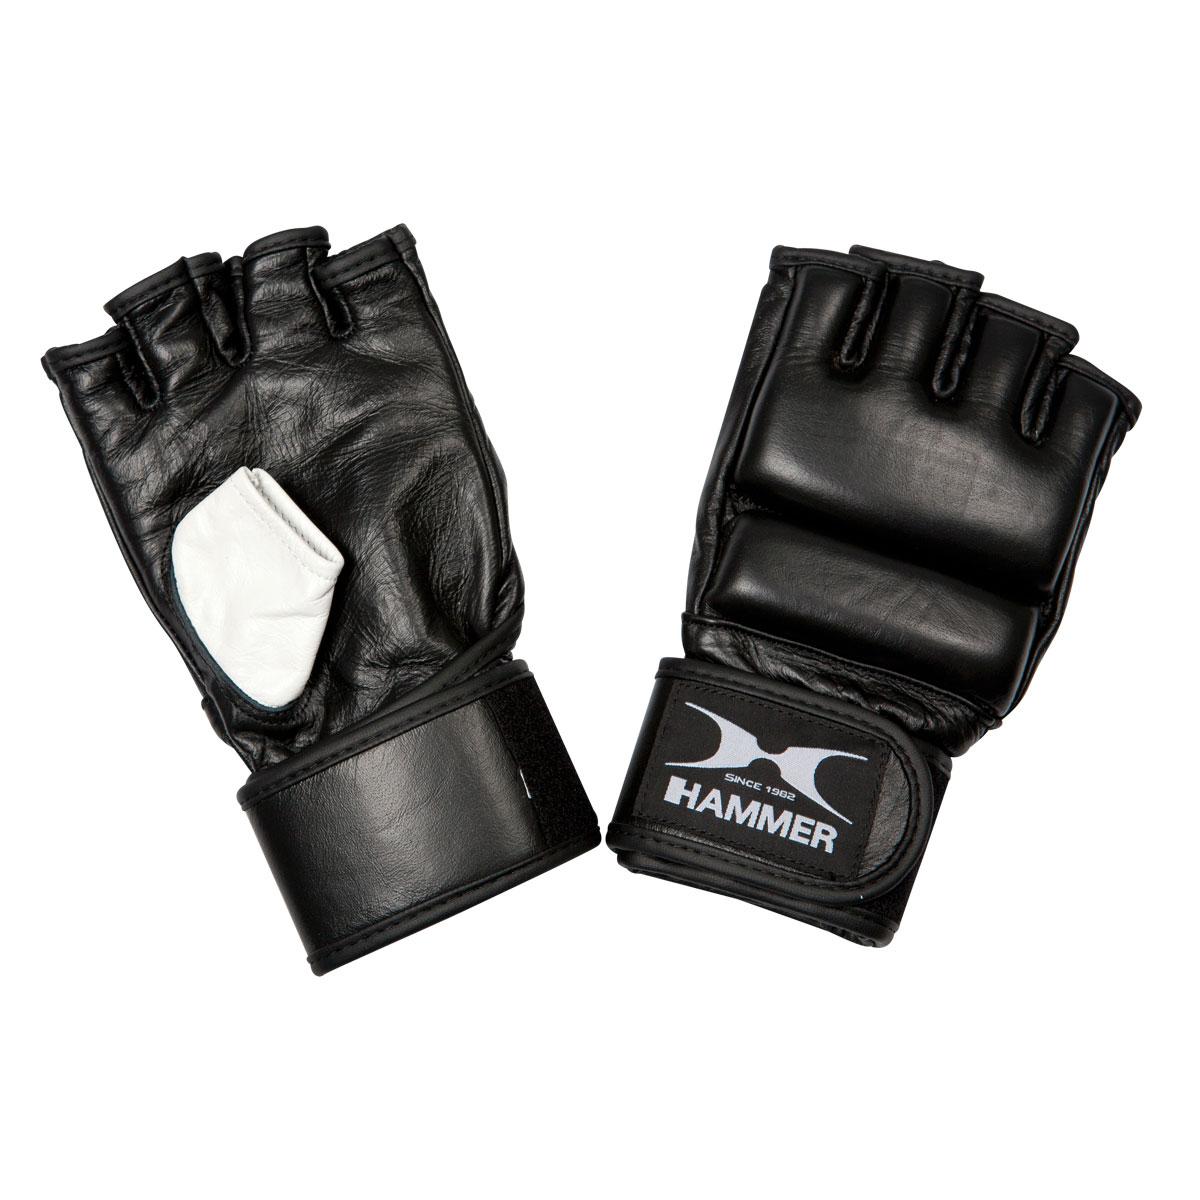 Køb Hammer Boxing PUNCH MMA Handsker S-M (one size)